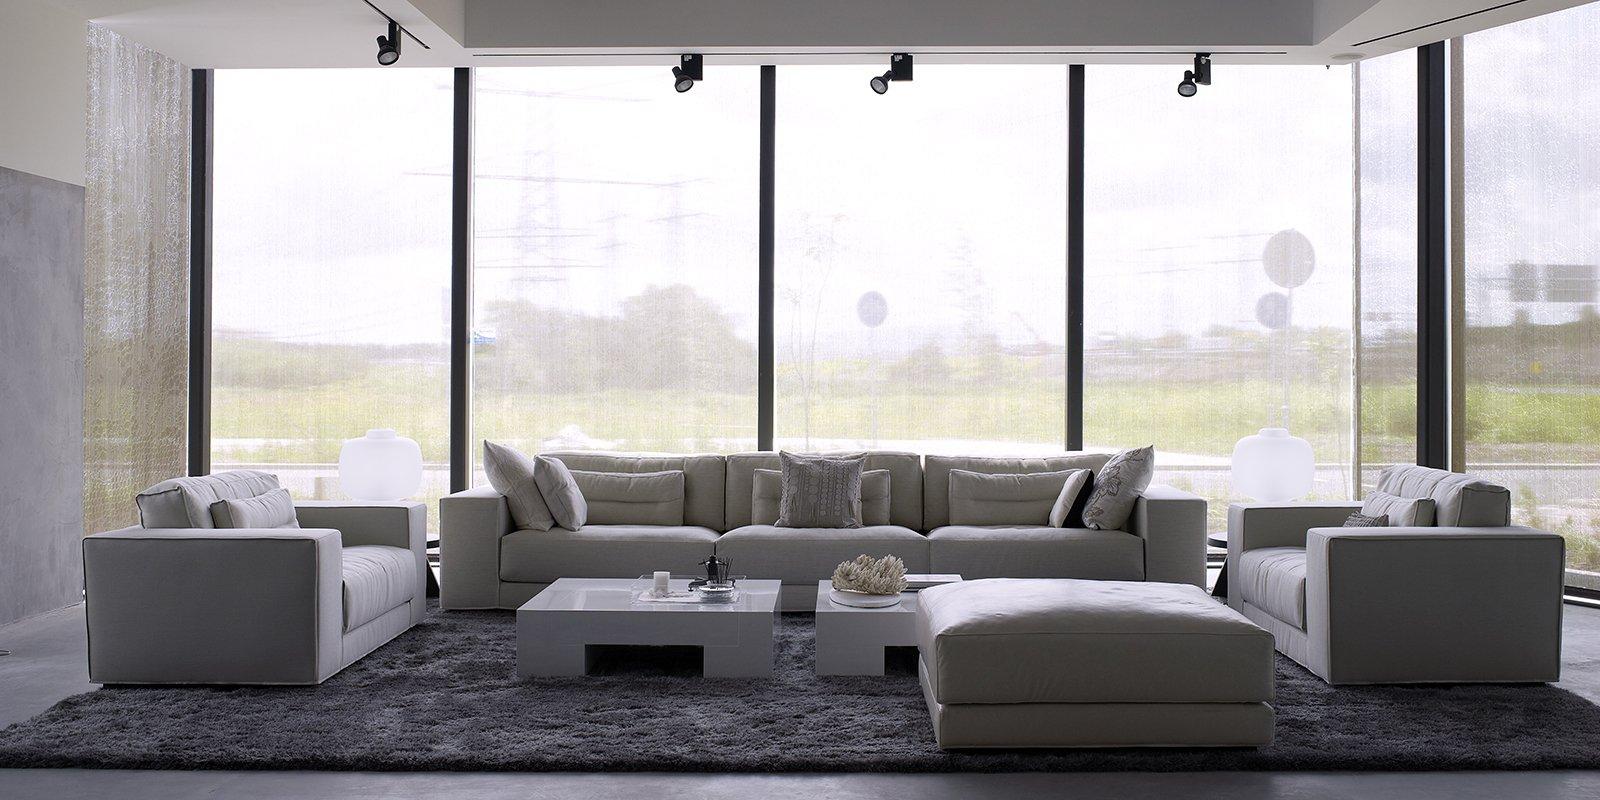 Moderne living ontworpen Piet Boon Studio met een sobere, stoere vormgeving